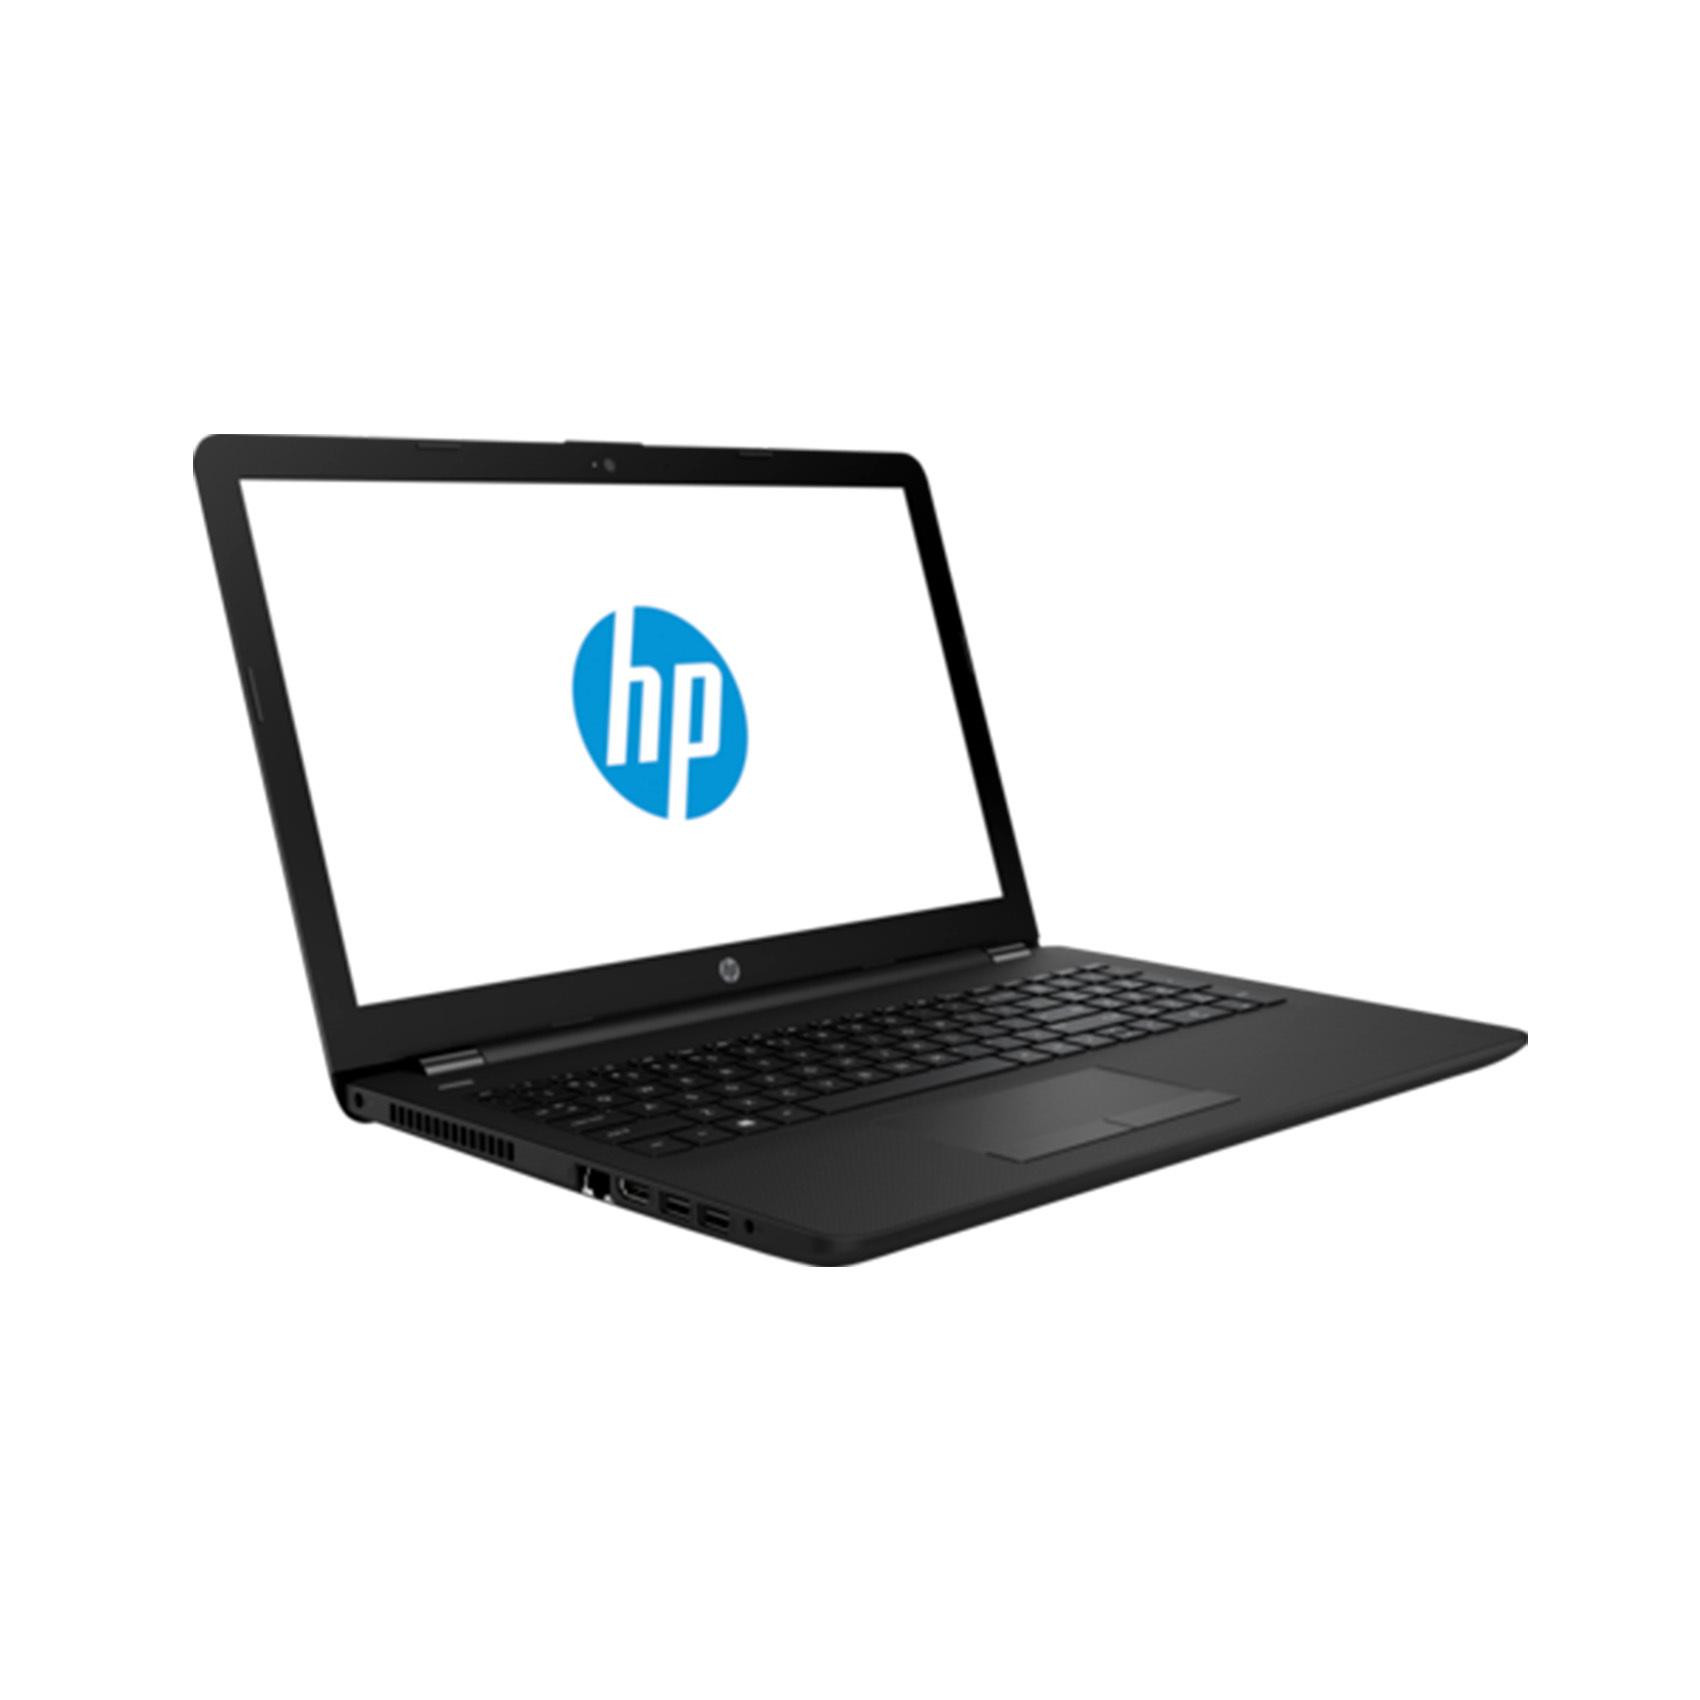 HP NBK 15BS151 I3 5005 4 500 BLK